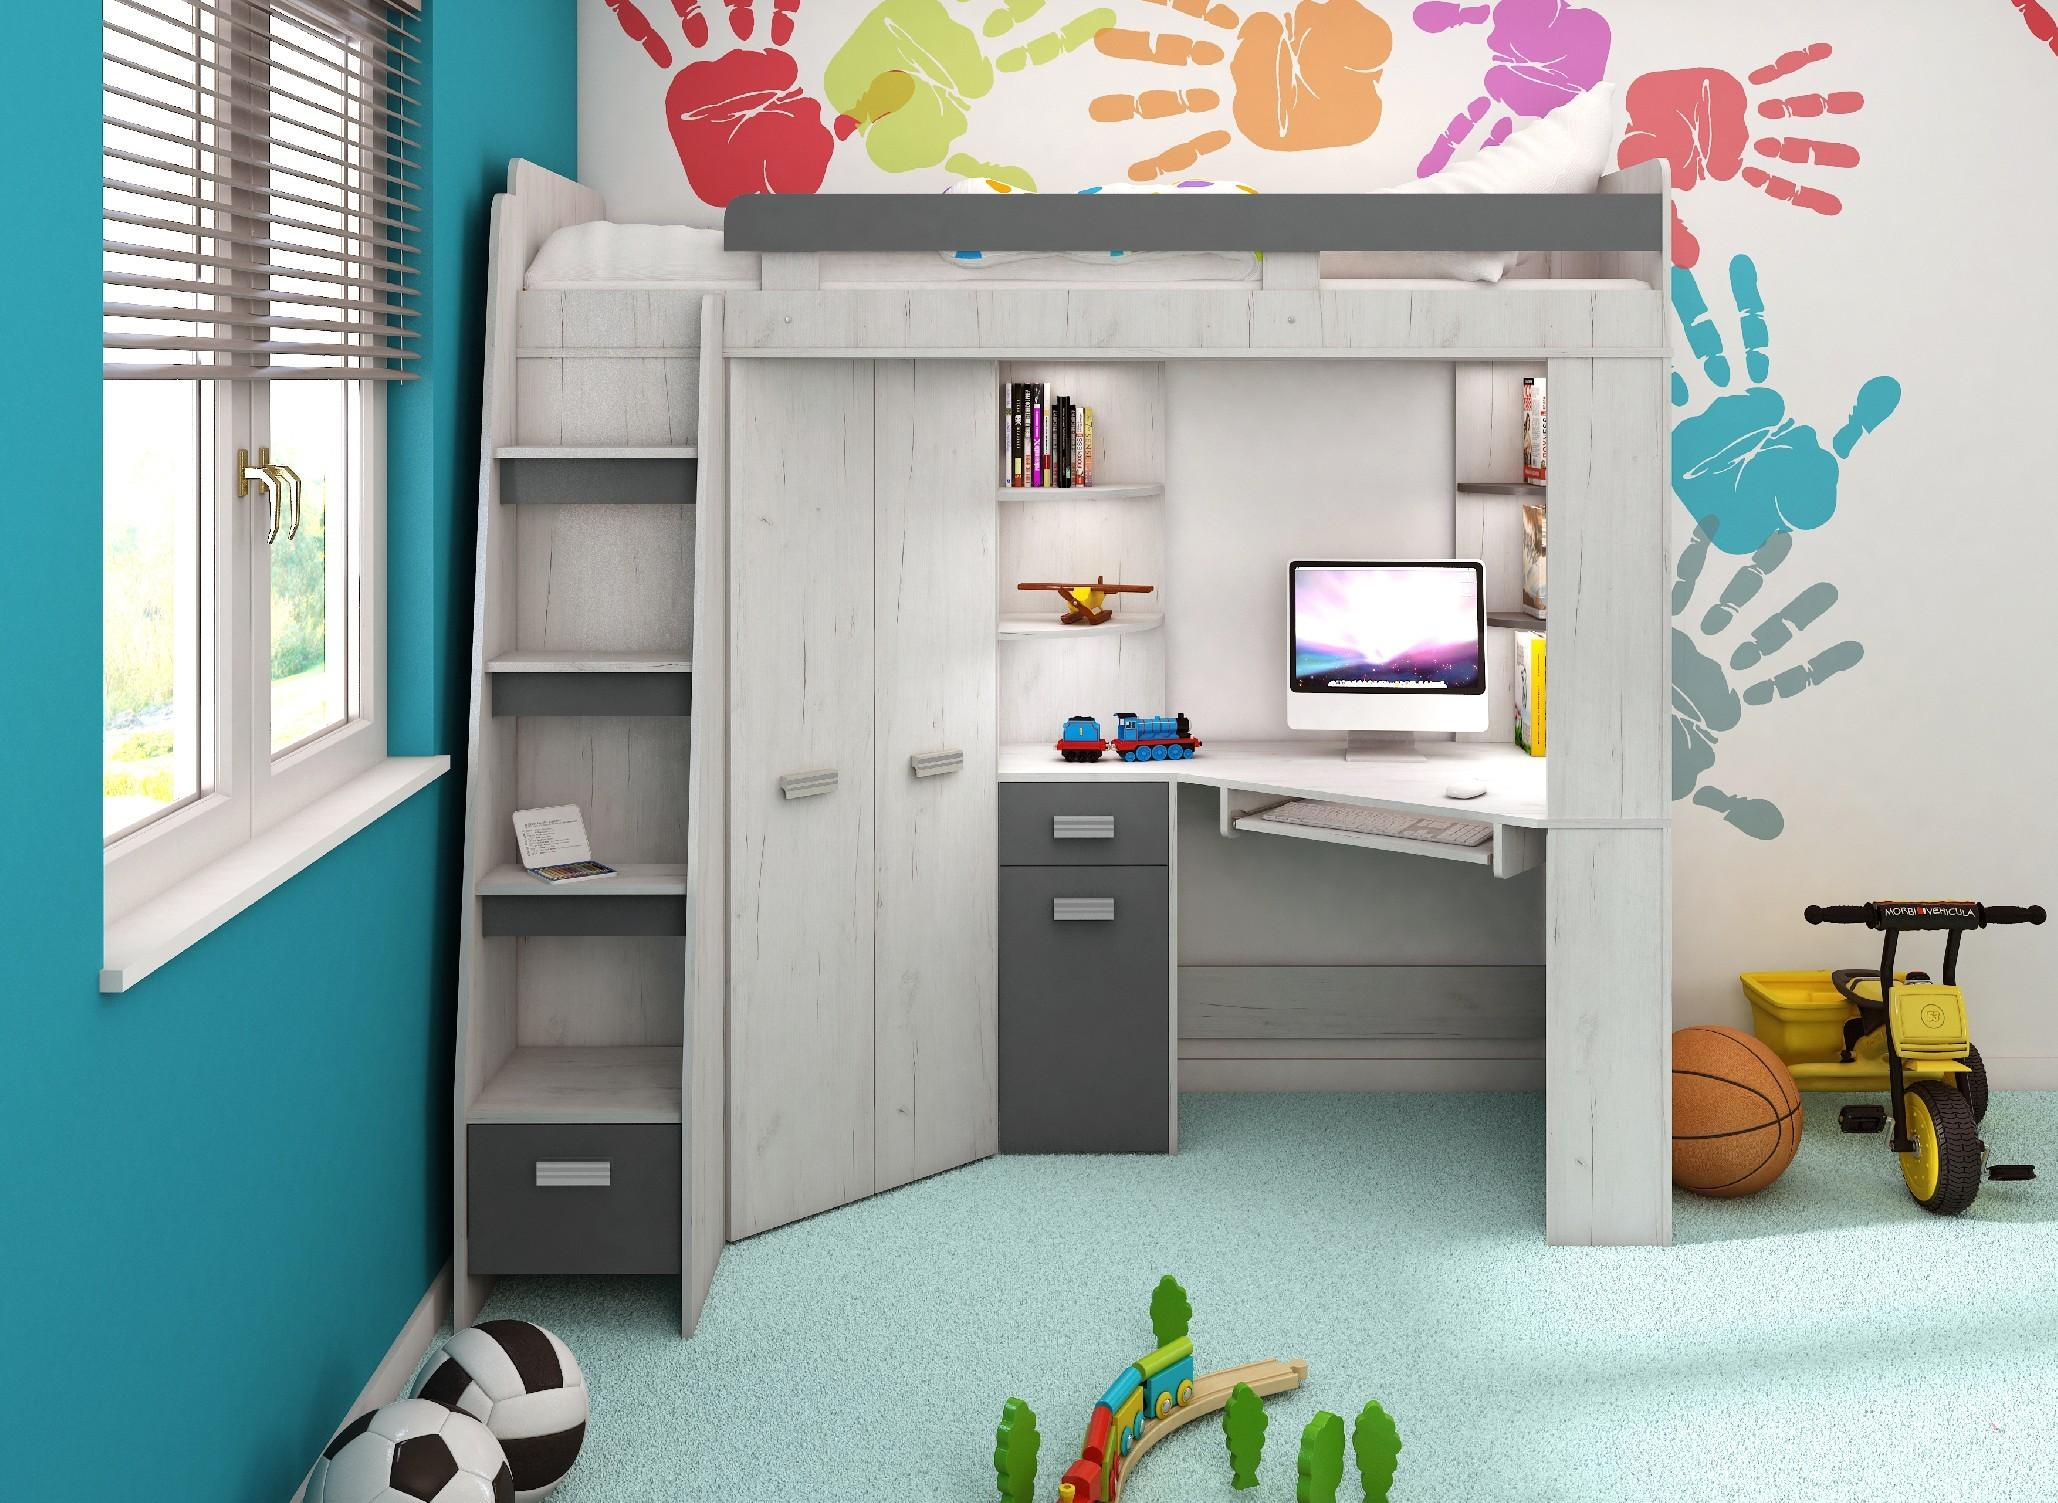 WIP Detská rohová vyvýšená posteľ ANTRESOLA Farba: Craft zlatý / craft biely, ľavý